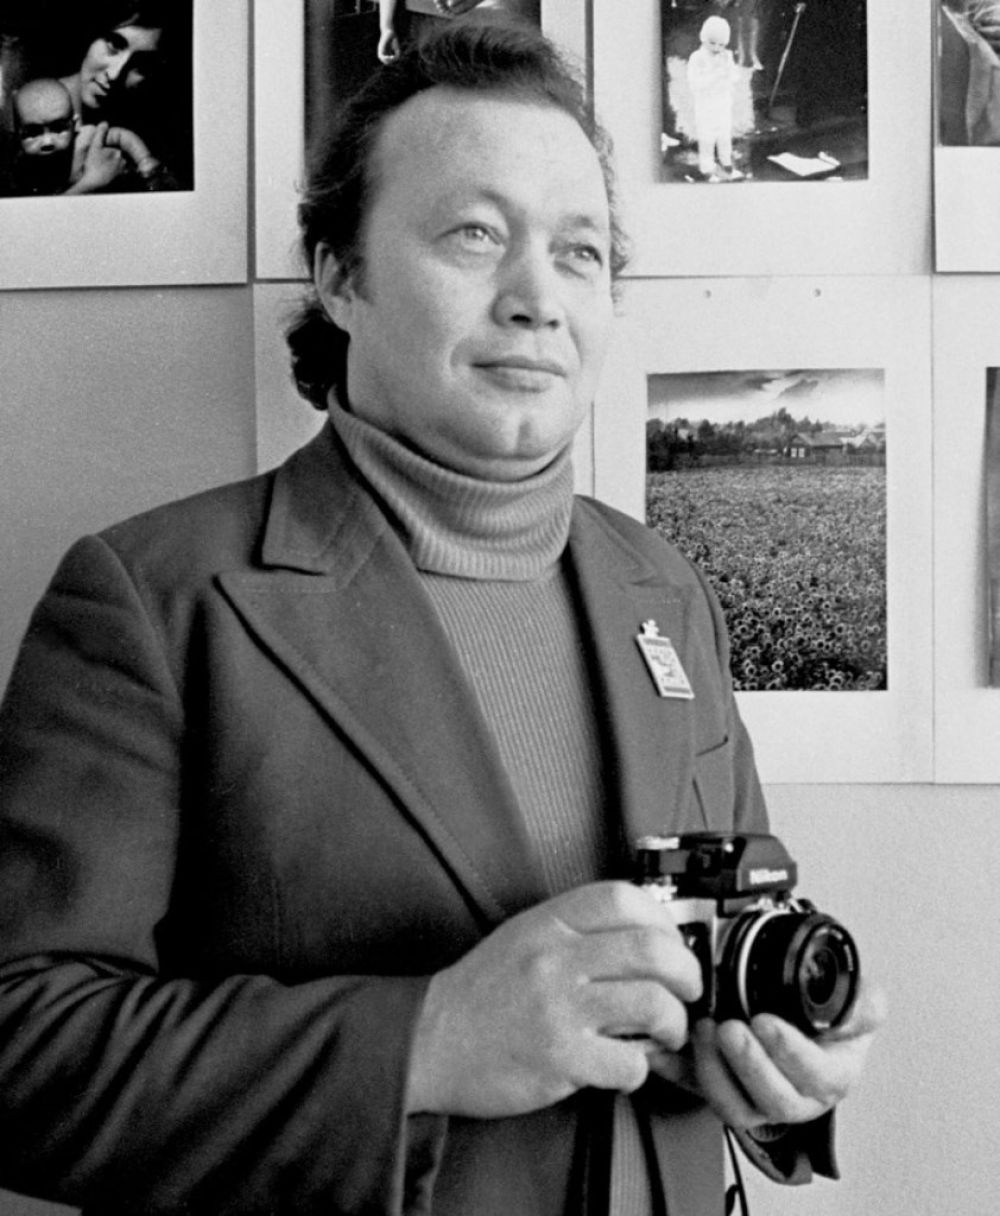 Фотограф васильев екатерина срывкова